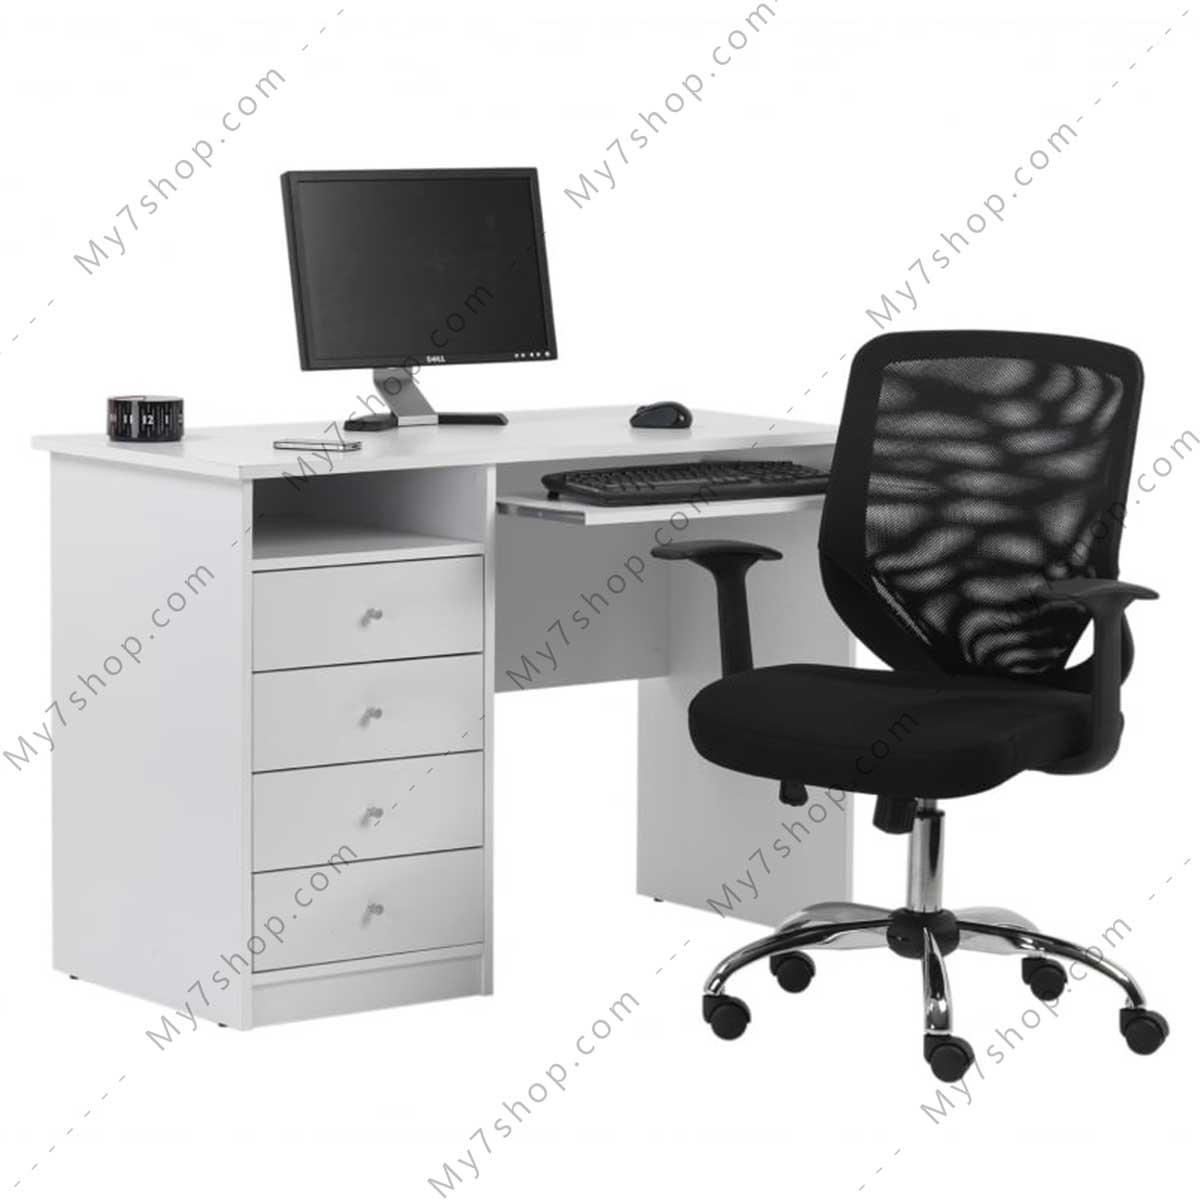 میز کامپیوتر 7556-3